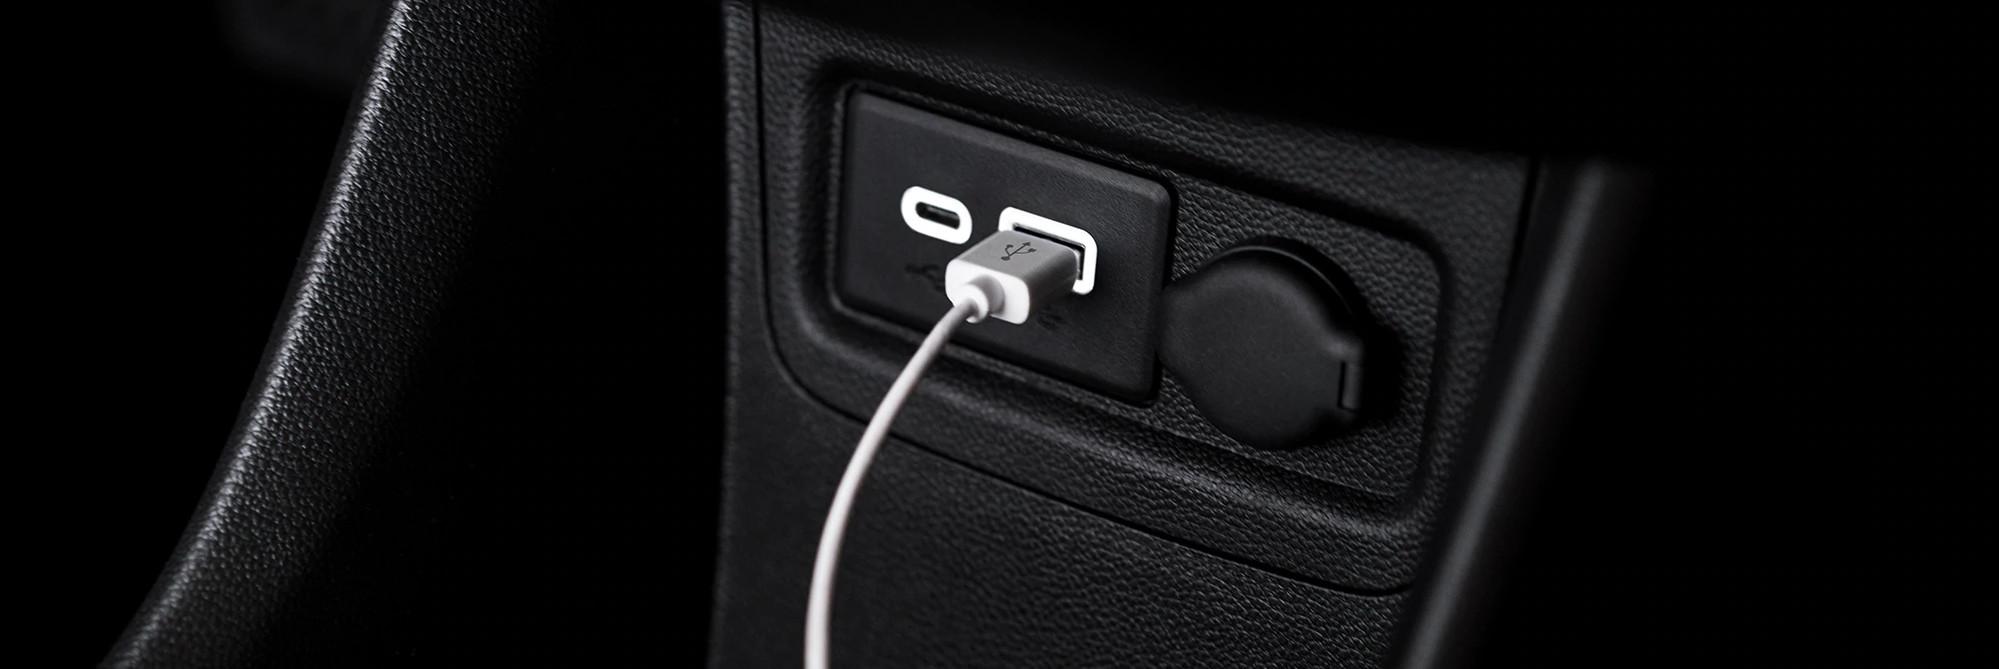 Hay dos puertos USB para que cargues tus dispositivos.